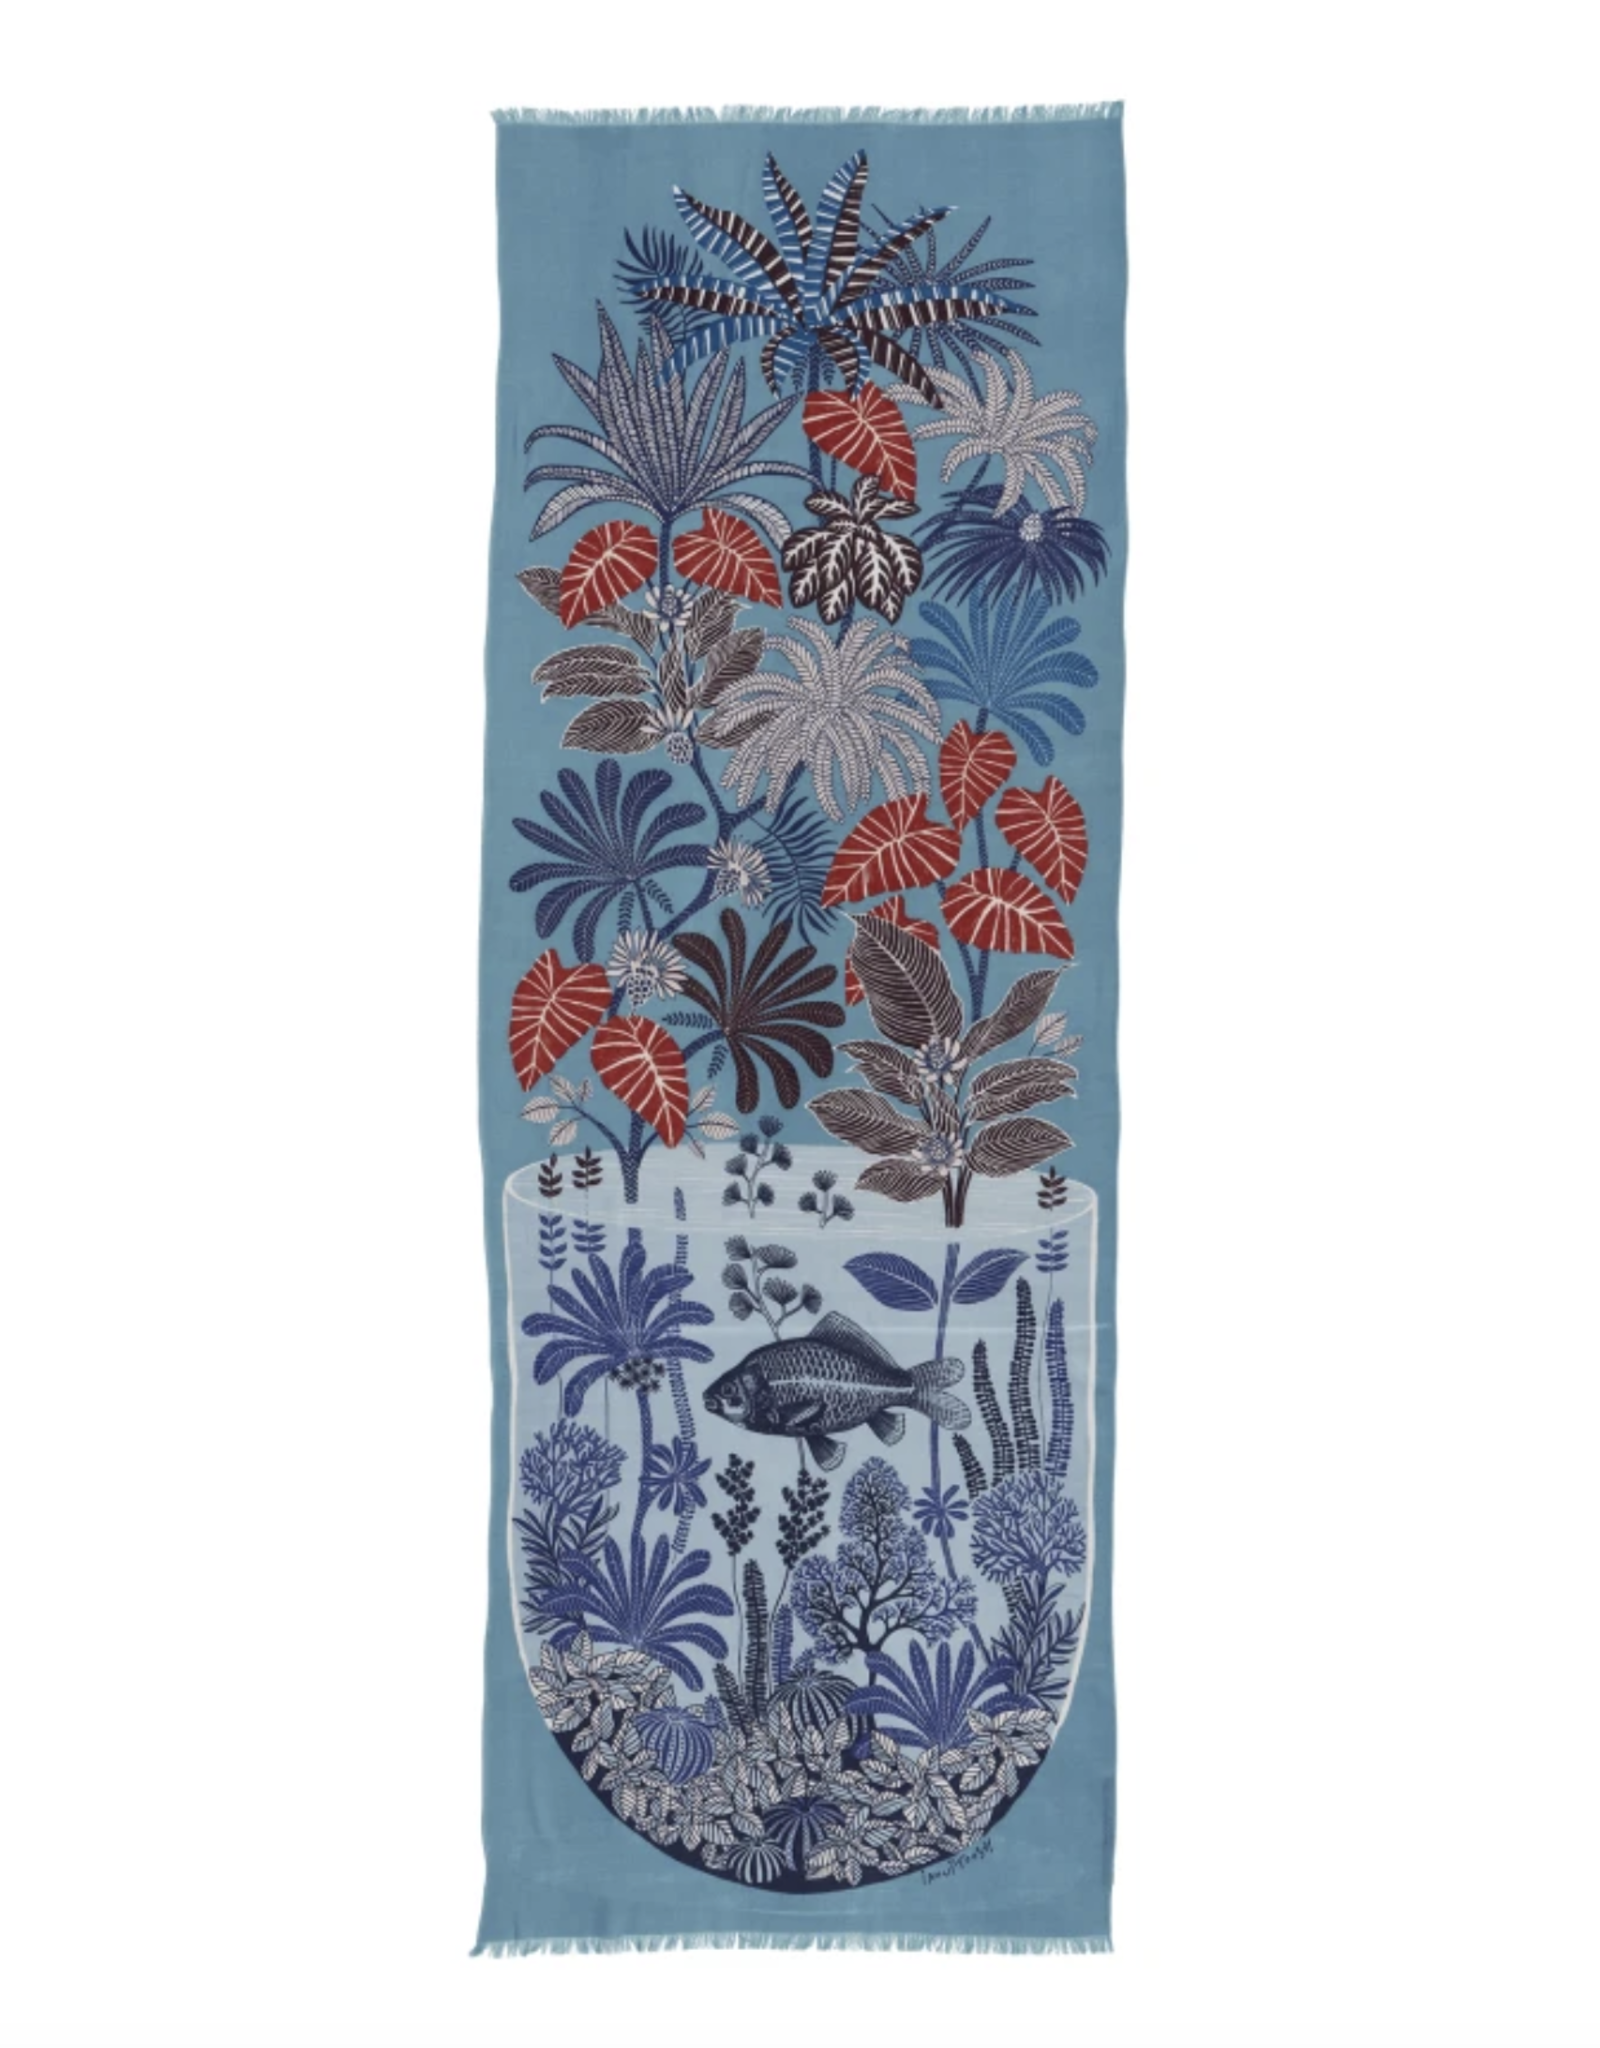 Inouitoosh Herbarium Scarf- Turquoise